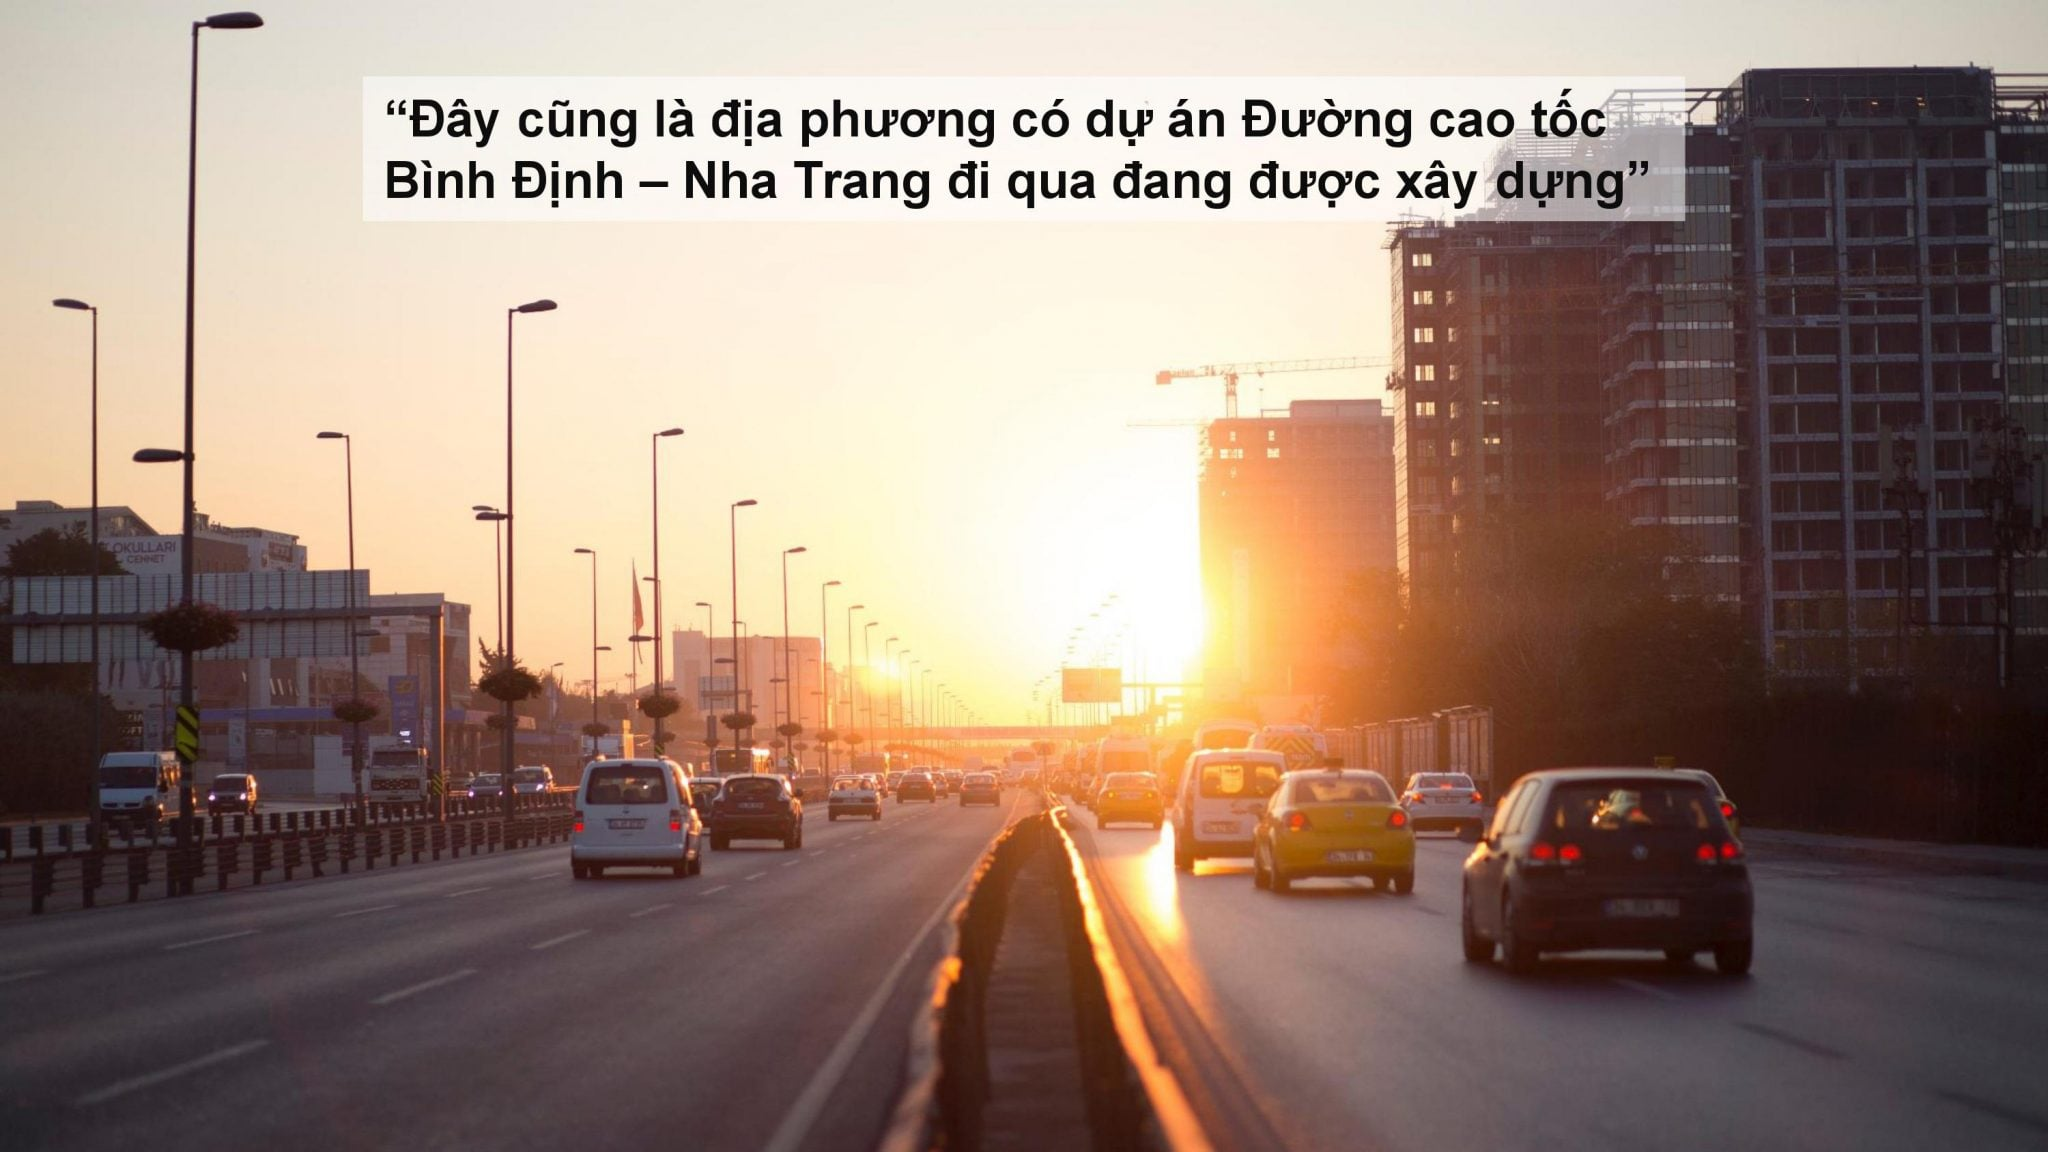 Dự án đường Cao tốc Bình Định - Nha Trang đi qua khu biệt thự vườn Nam Vân Phong